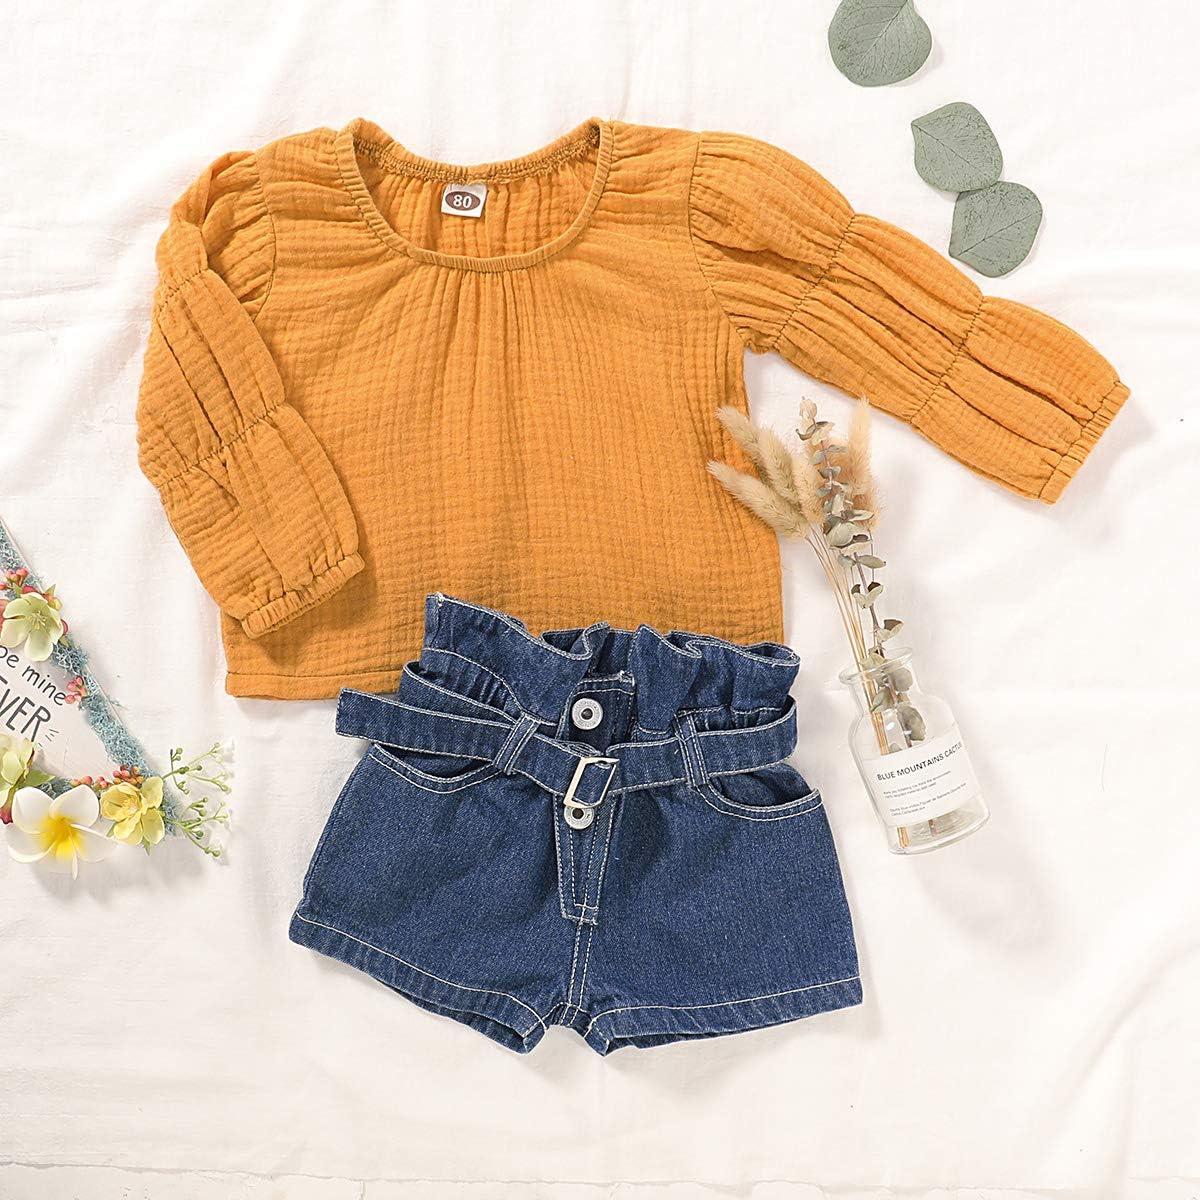 DaMohony giallo blu camicia Completo per bambine pantaloni jeans corti con volant elegante vestito manica soffio per primavera pantaloni corti da bambina per estate